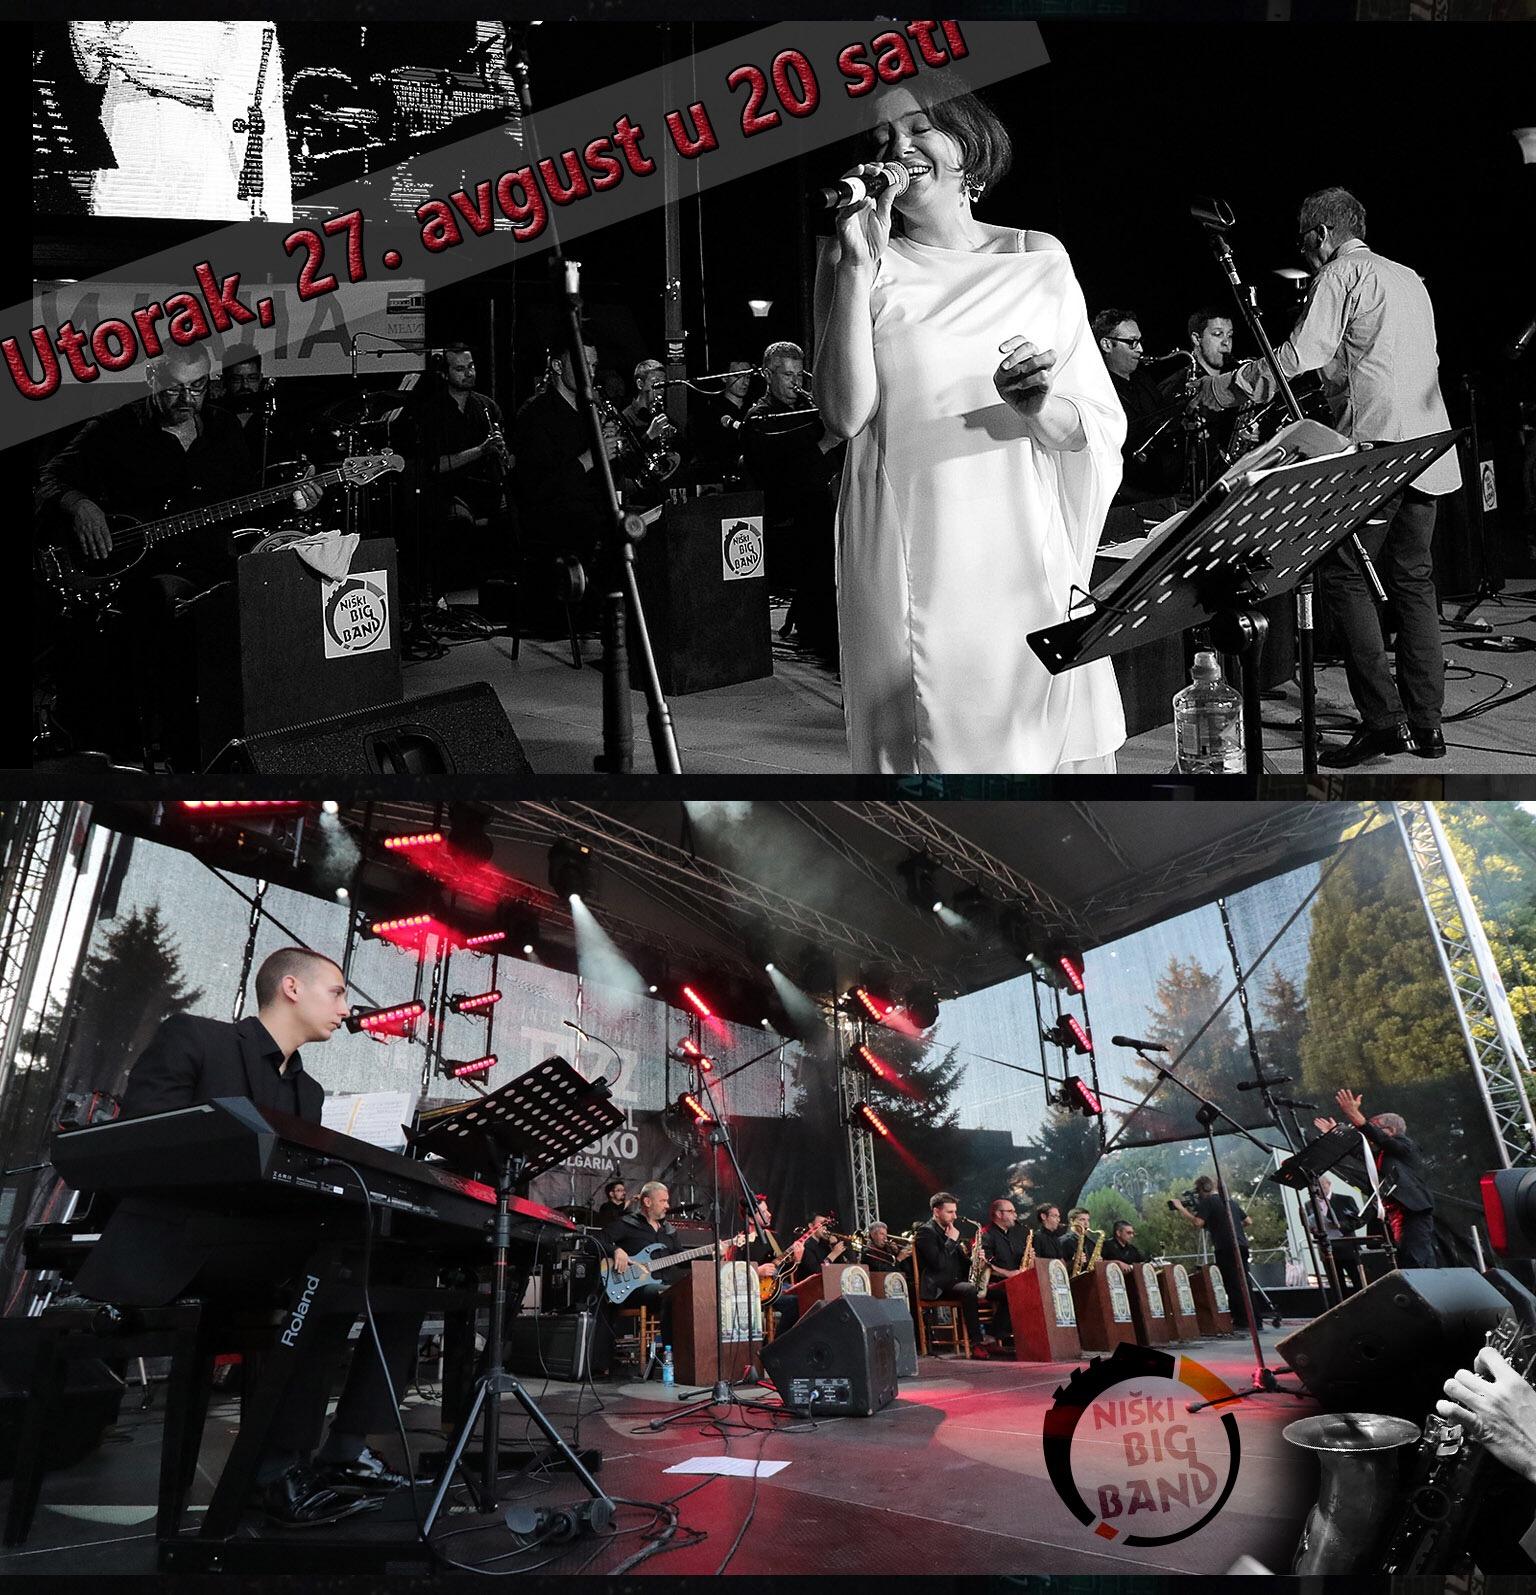 Photo of Koncert niškog Big benda u Pirotu